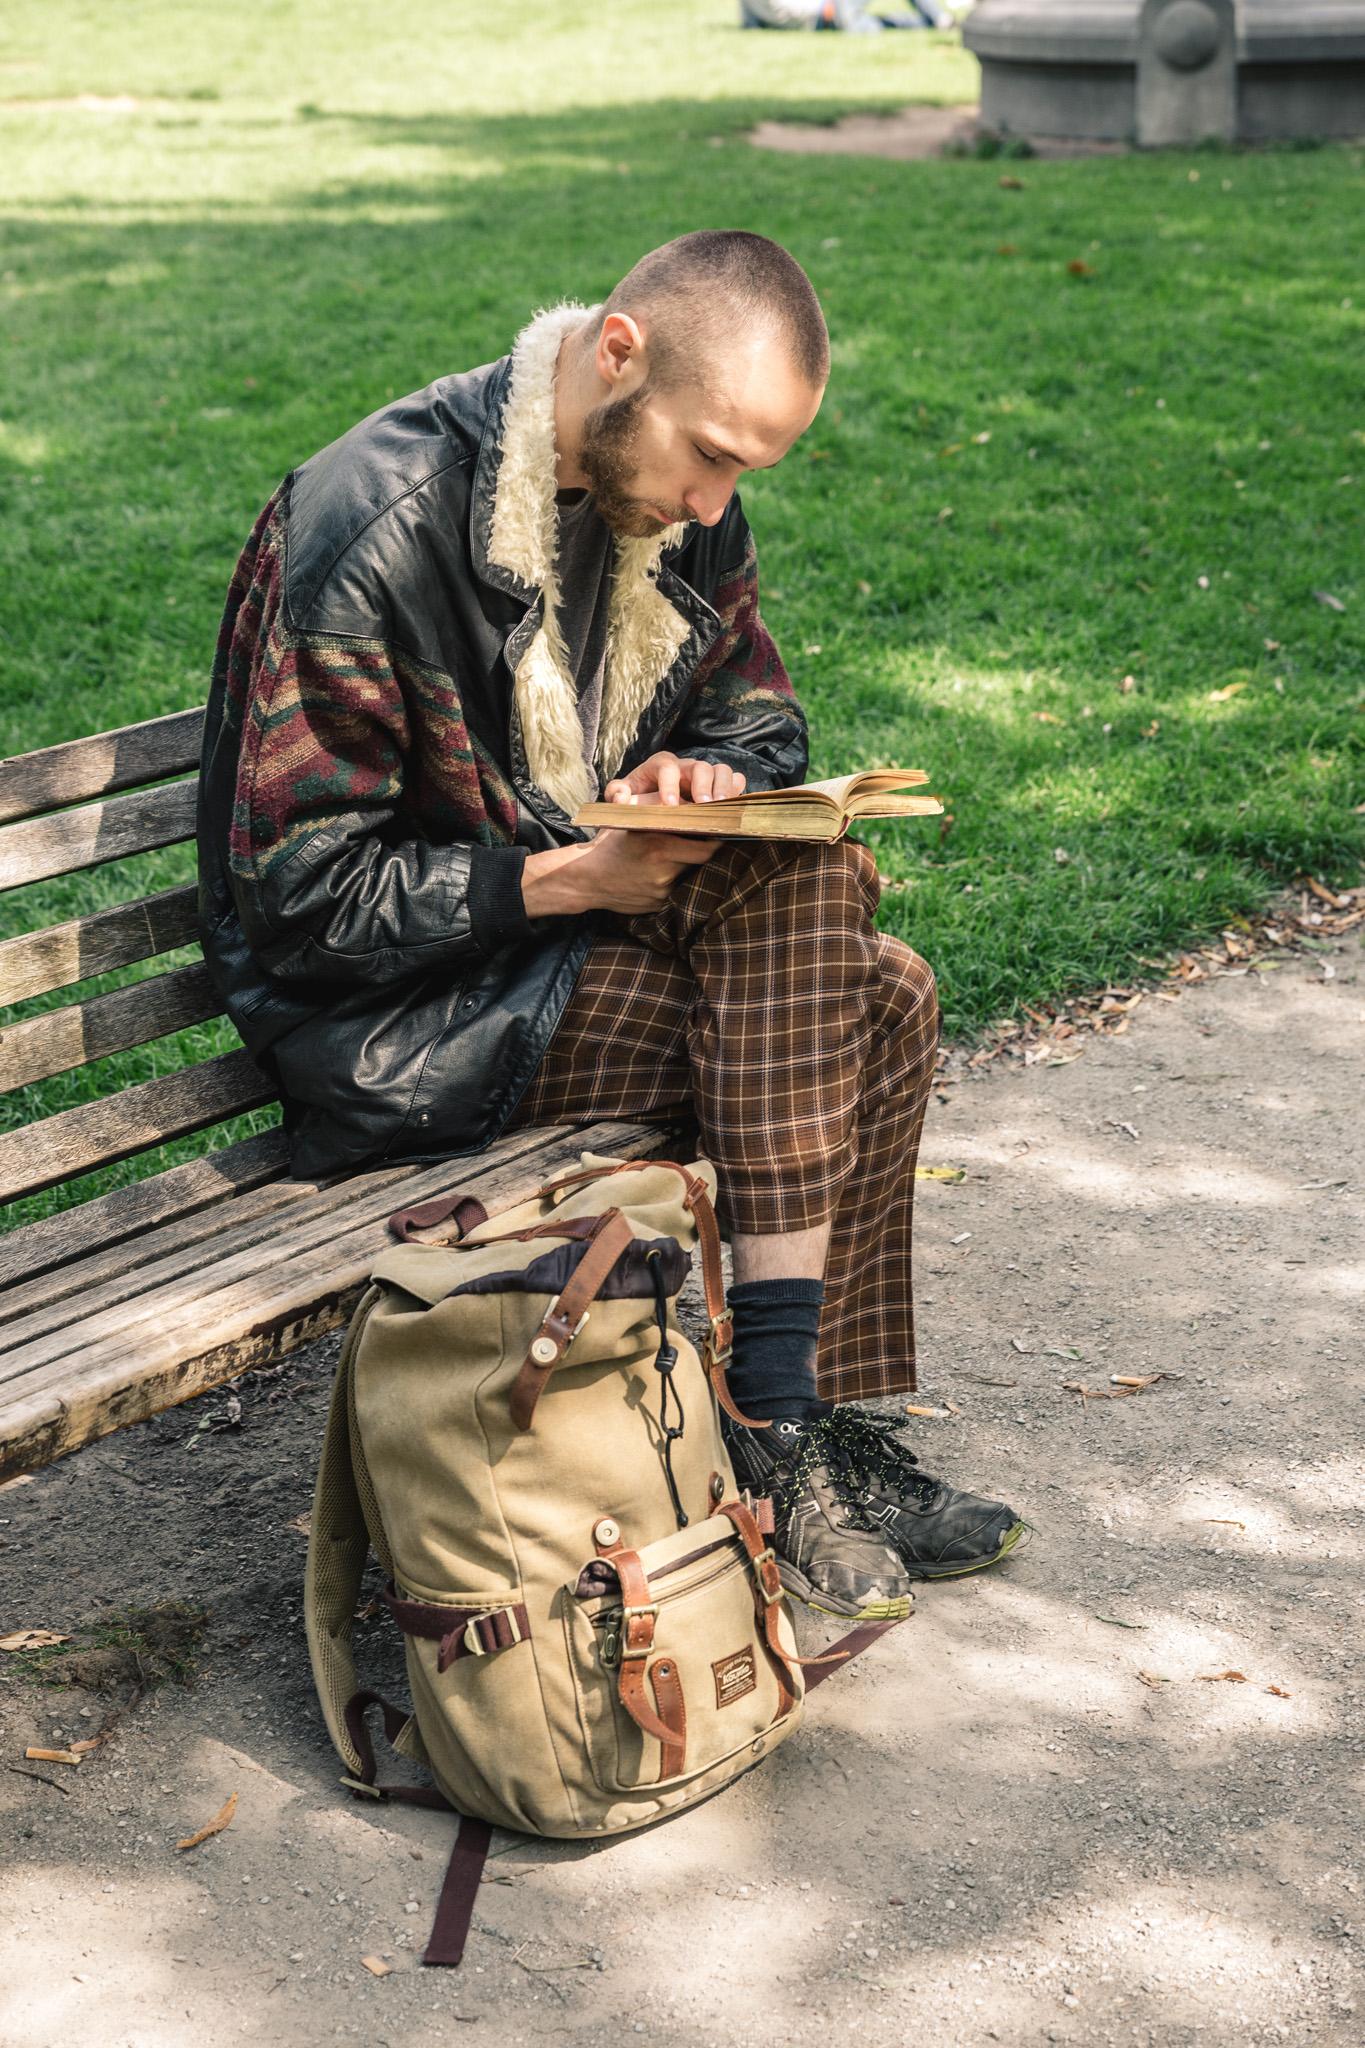 Lezende man in het park op een bankje